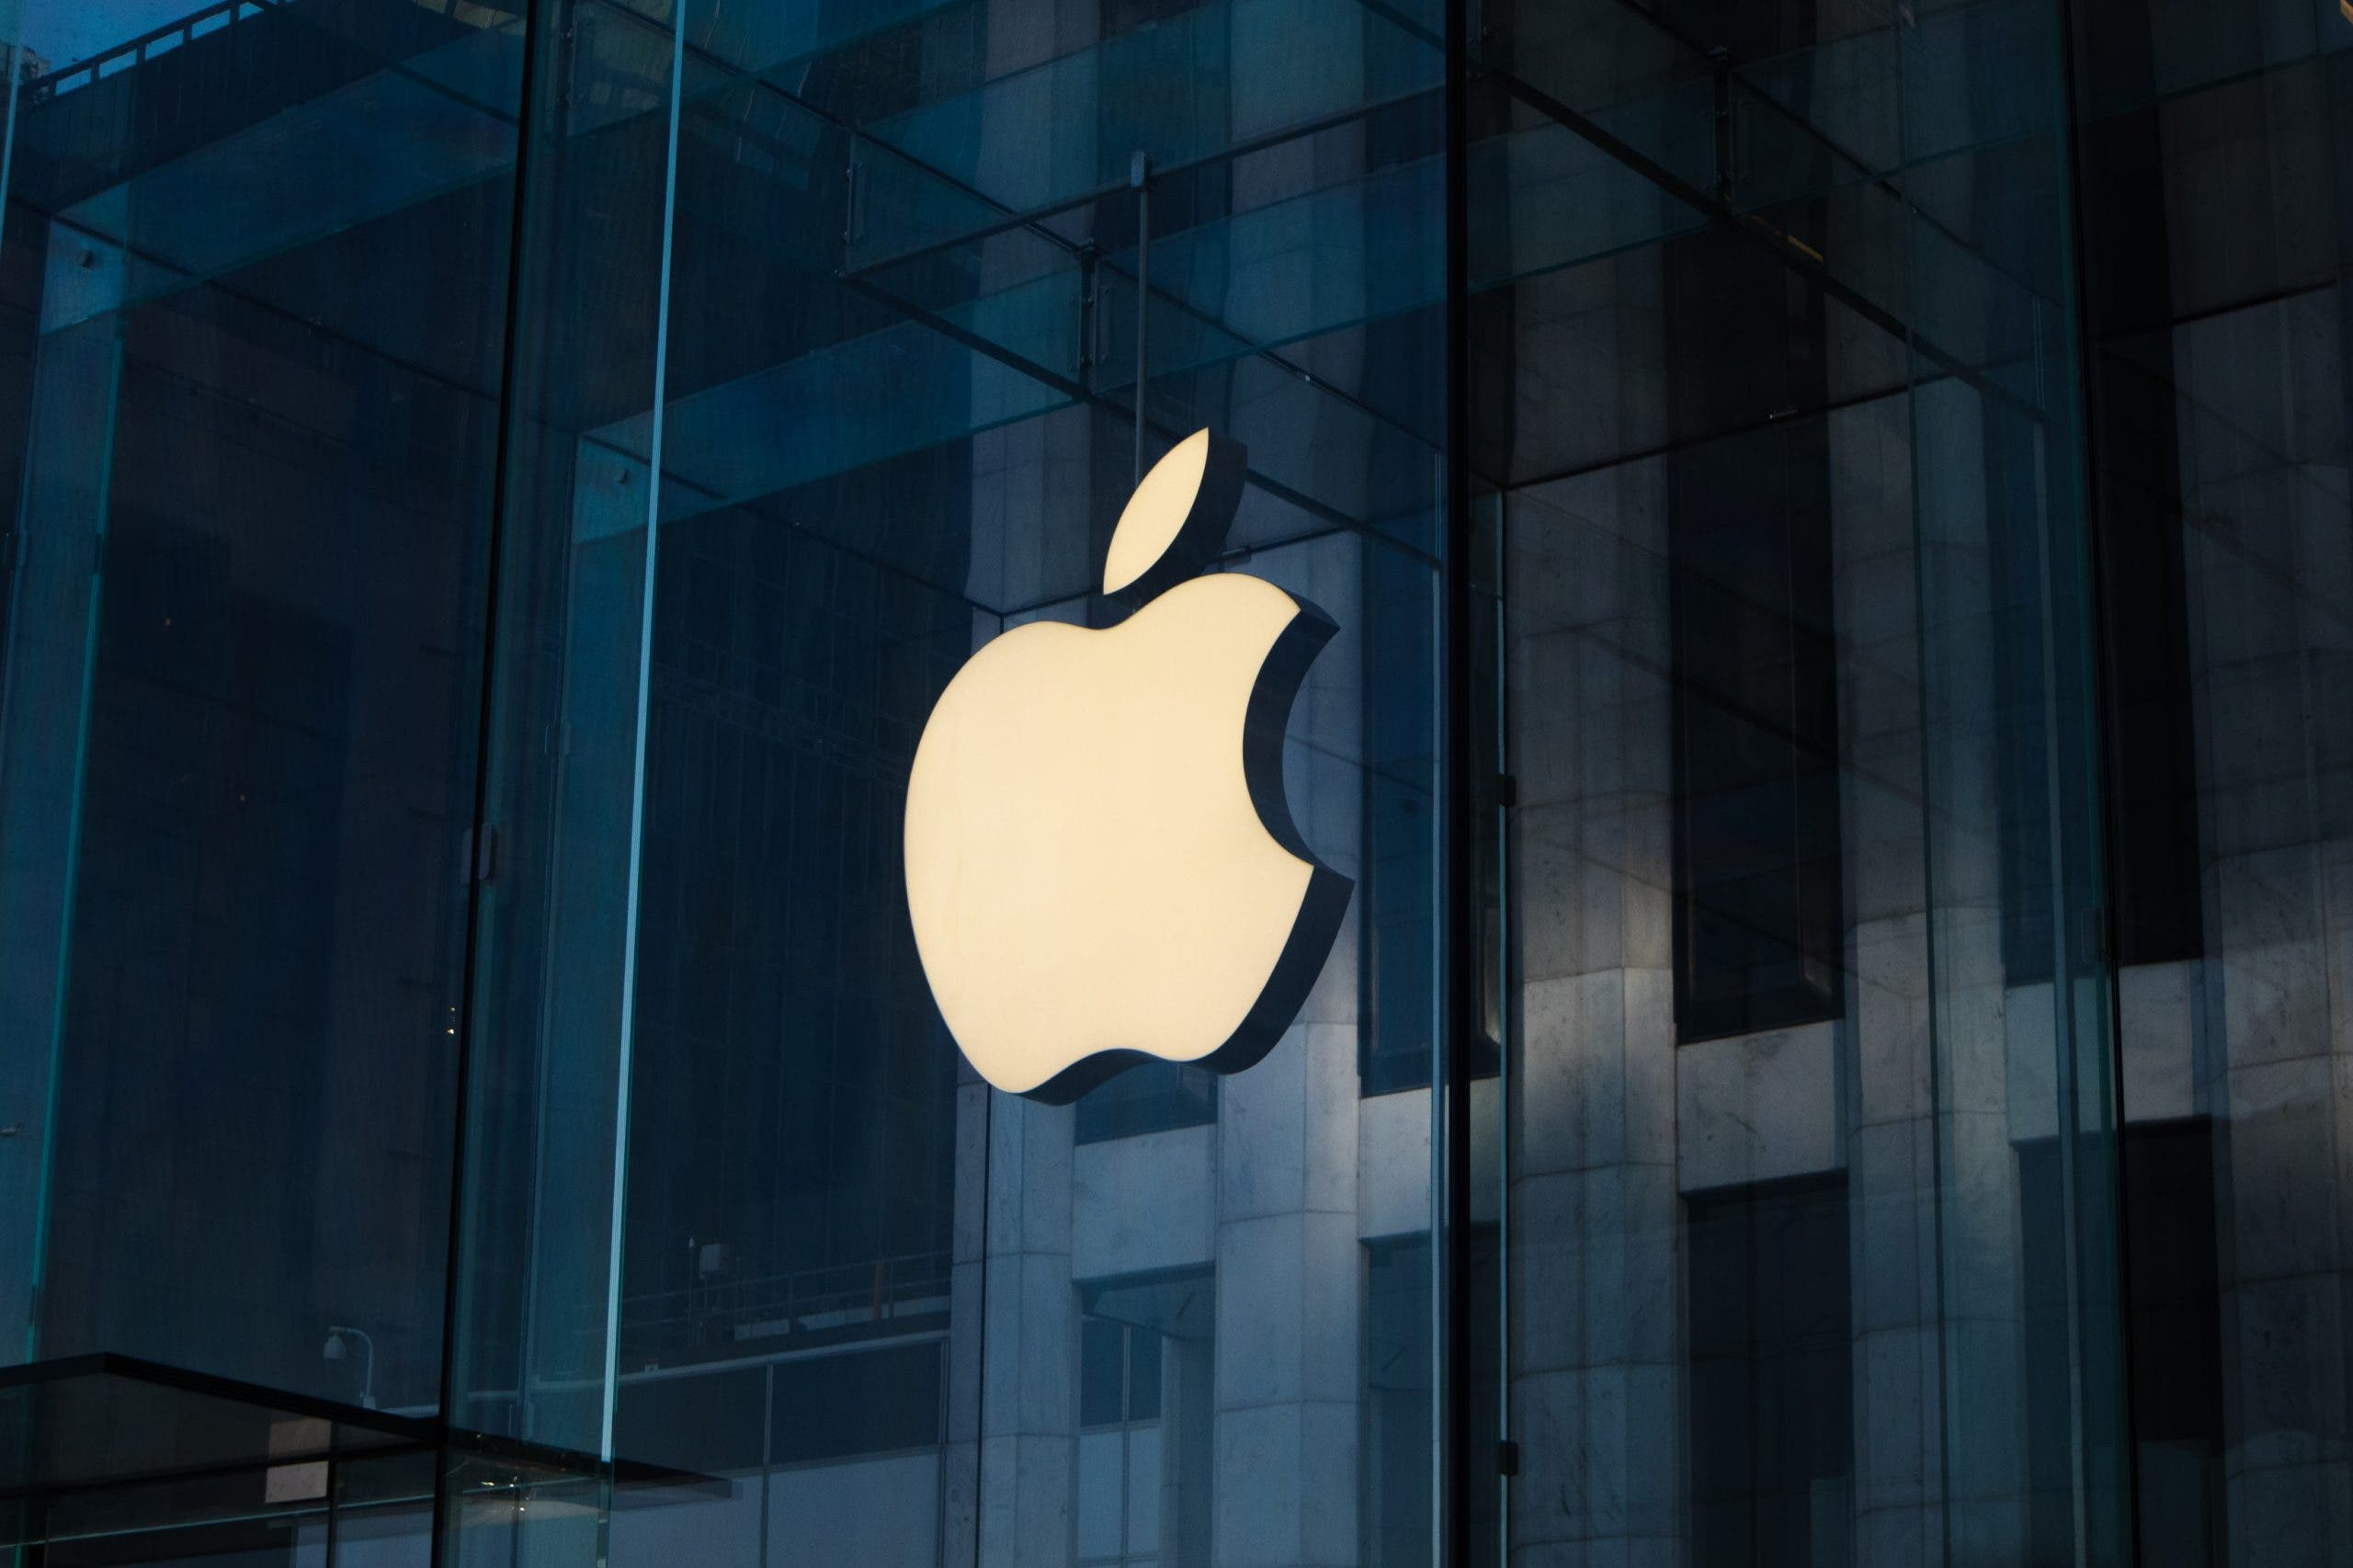 Apple перенесёт сборку девайсов в другие страны третьего мира